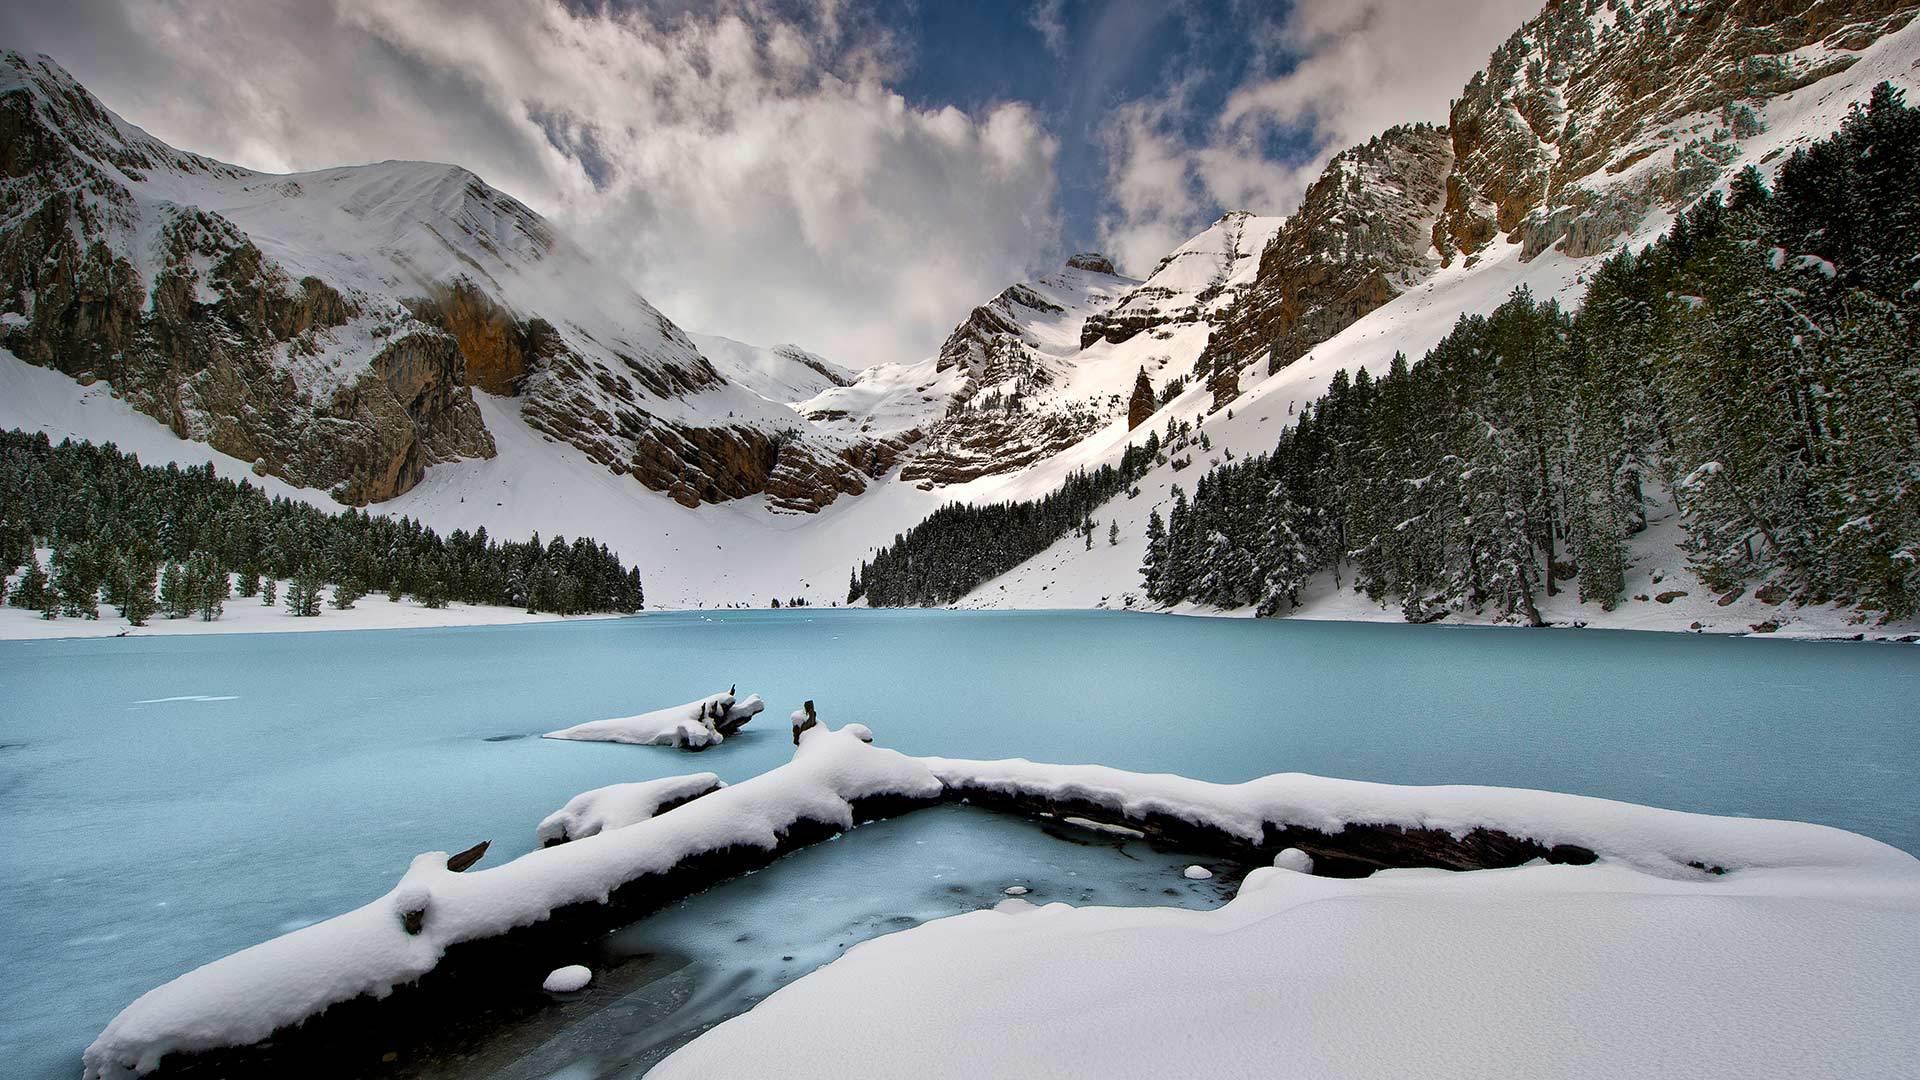 比利牛斯山脉中的高山湖Ibón de Plan比利牛斯山脉